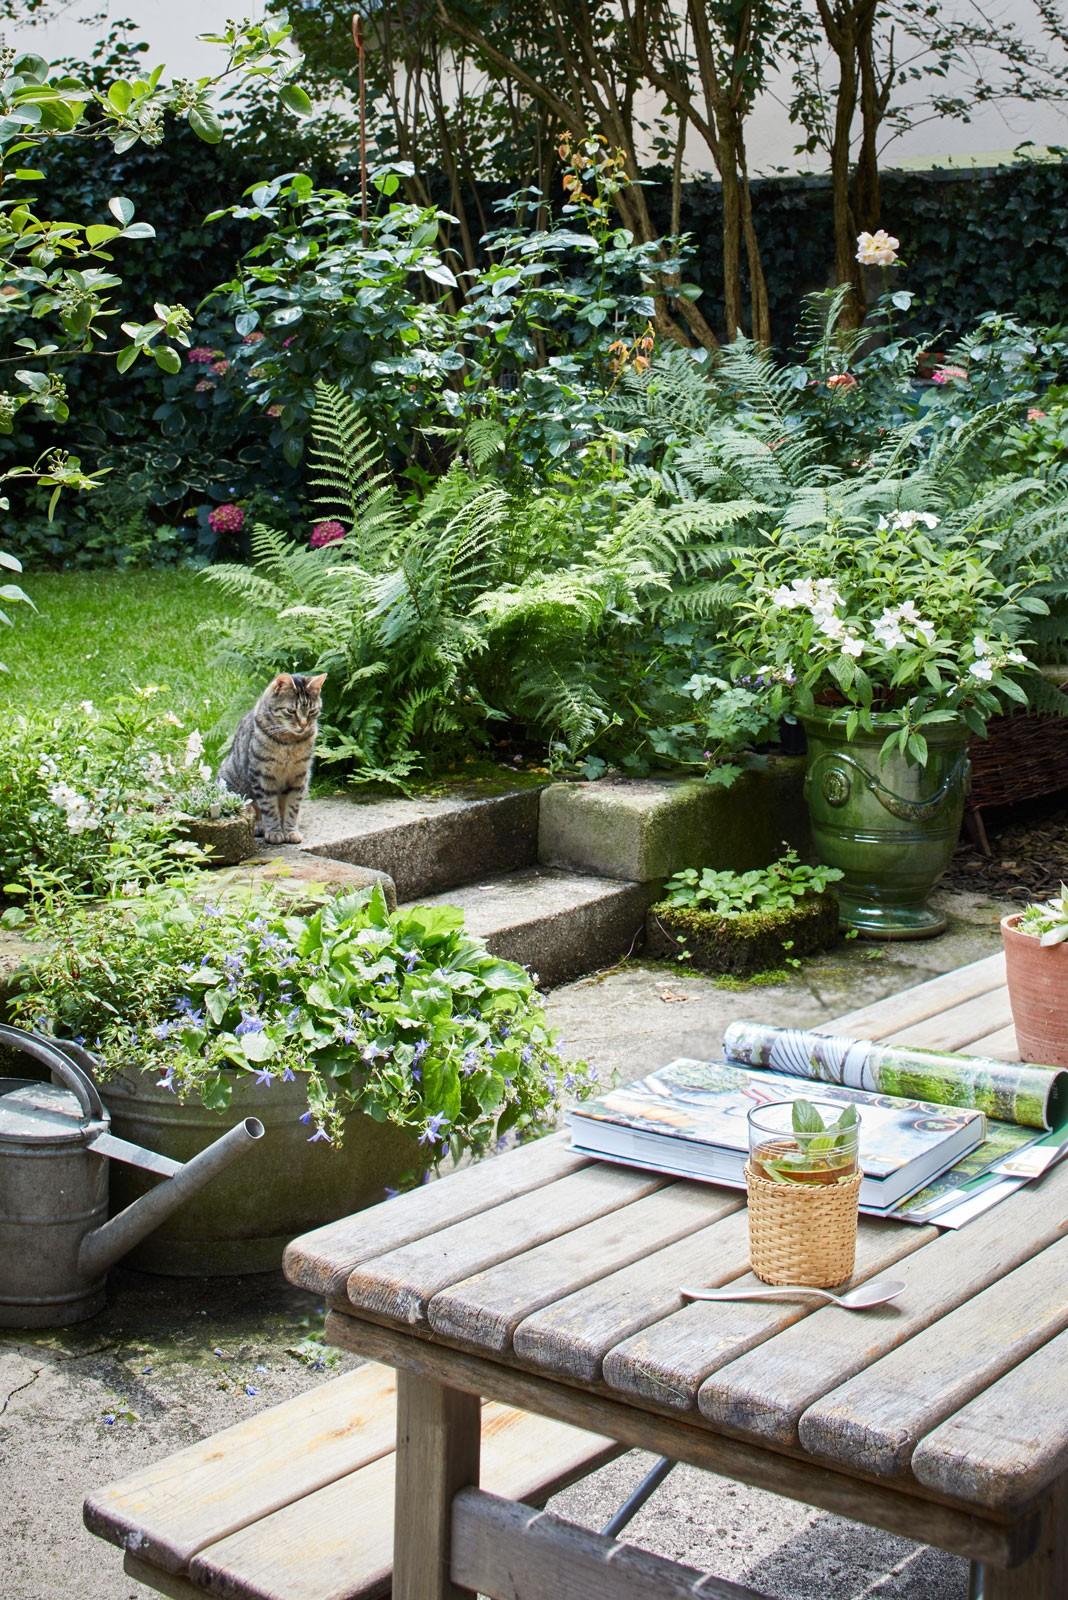 Schöner Schattengarten. #garten #homestory #hinterhof #hinterhofgarten #oase #hereinspaziert